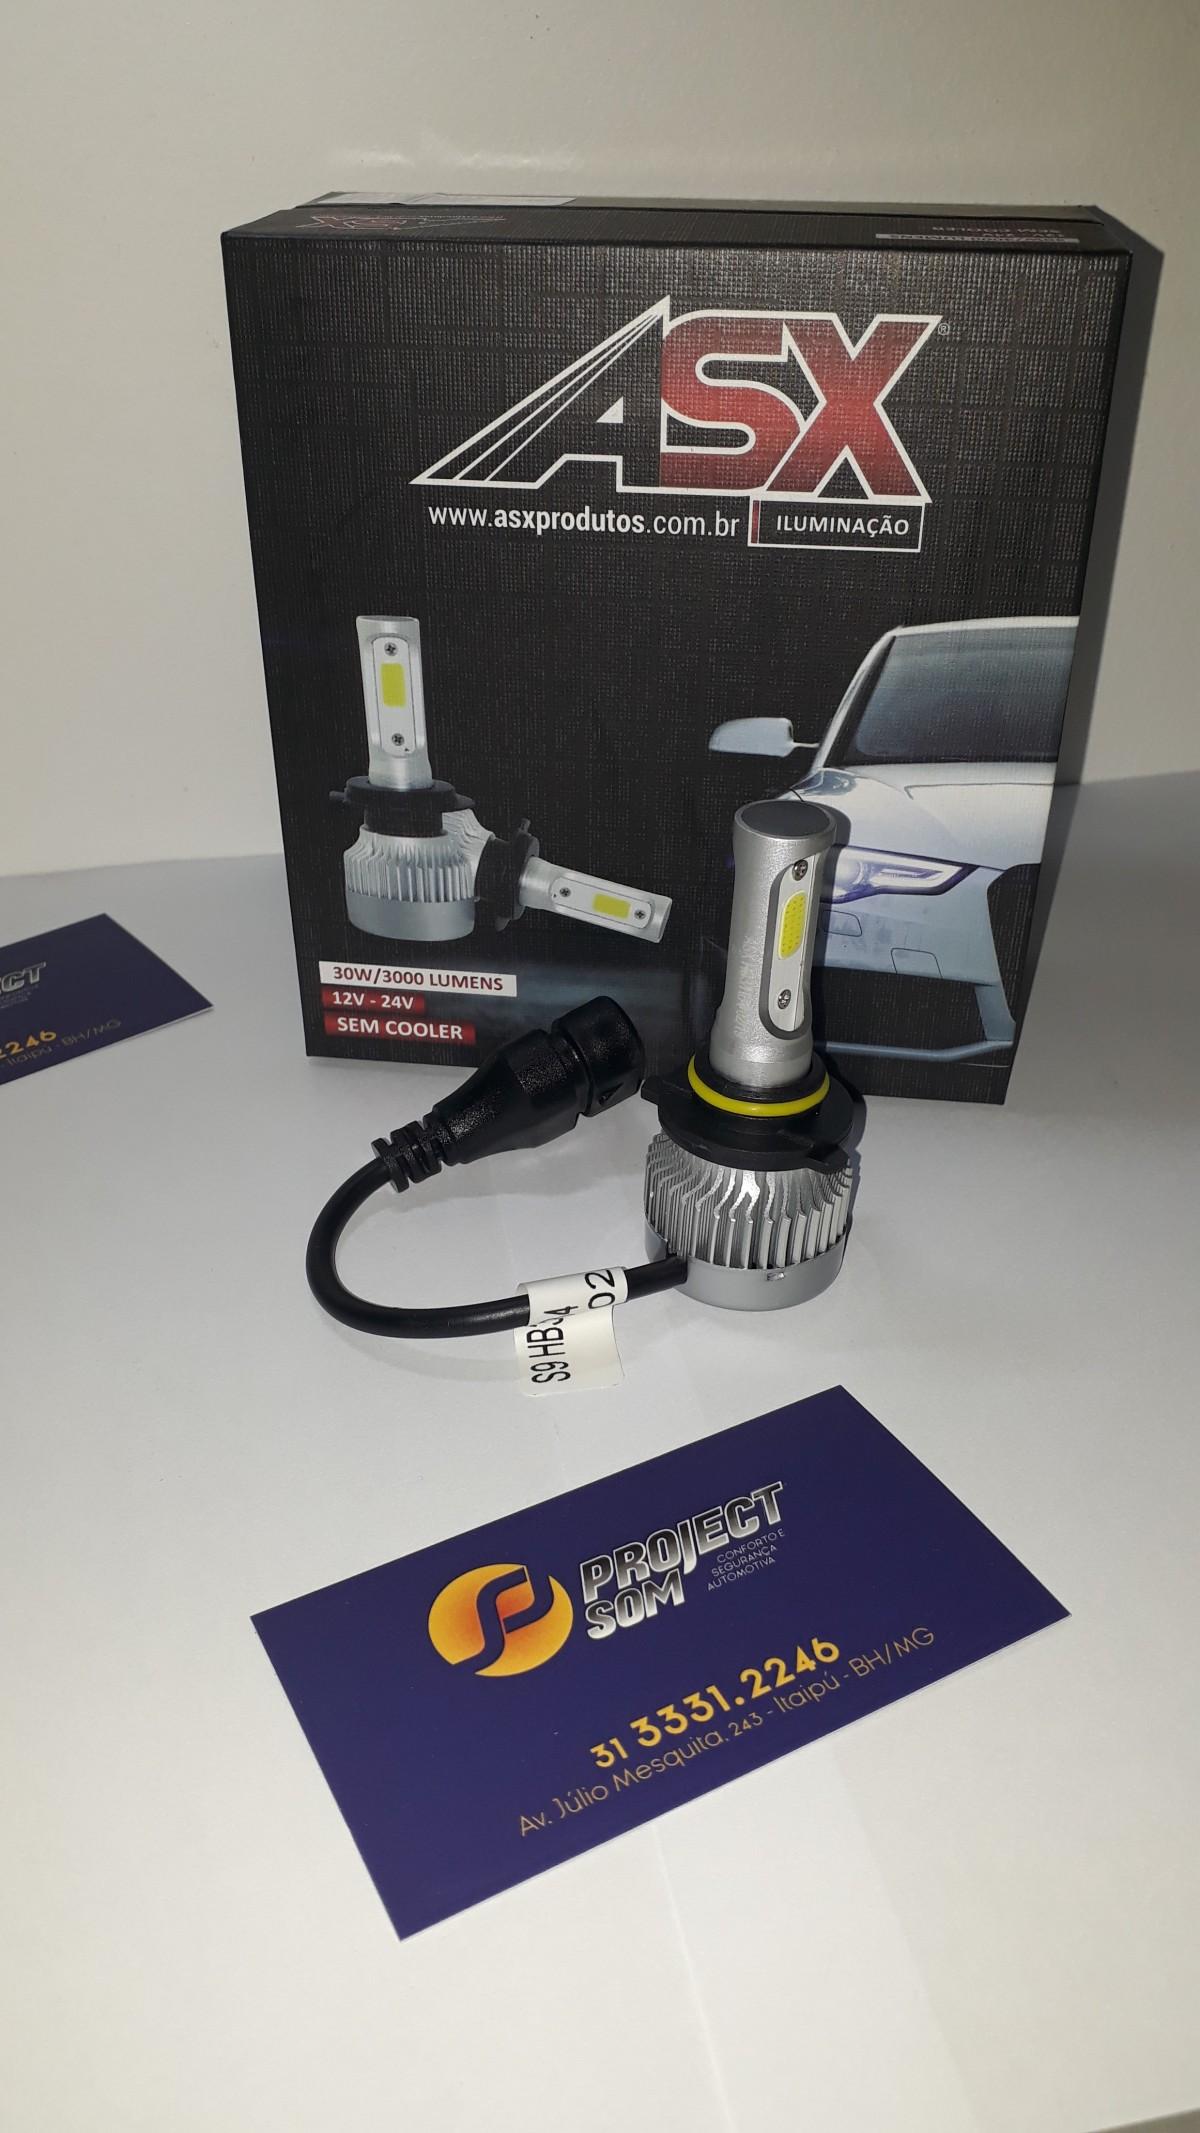 Imagem do produto SUPER LED HB3 HB4 30W / 3000 LÚMENS